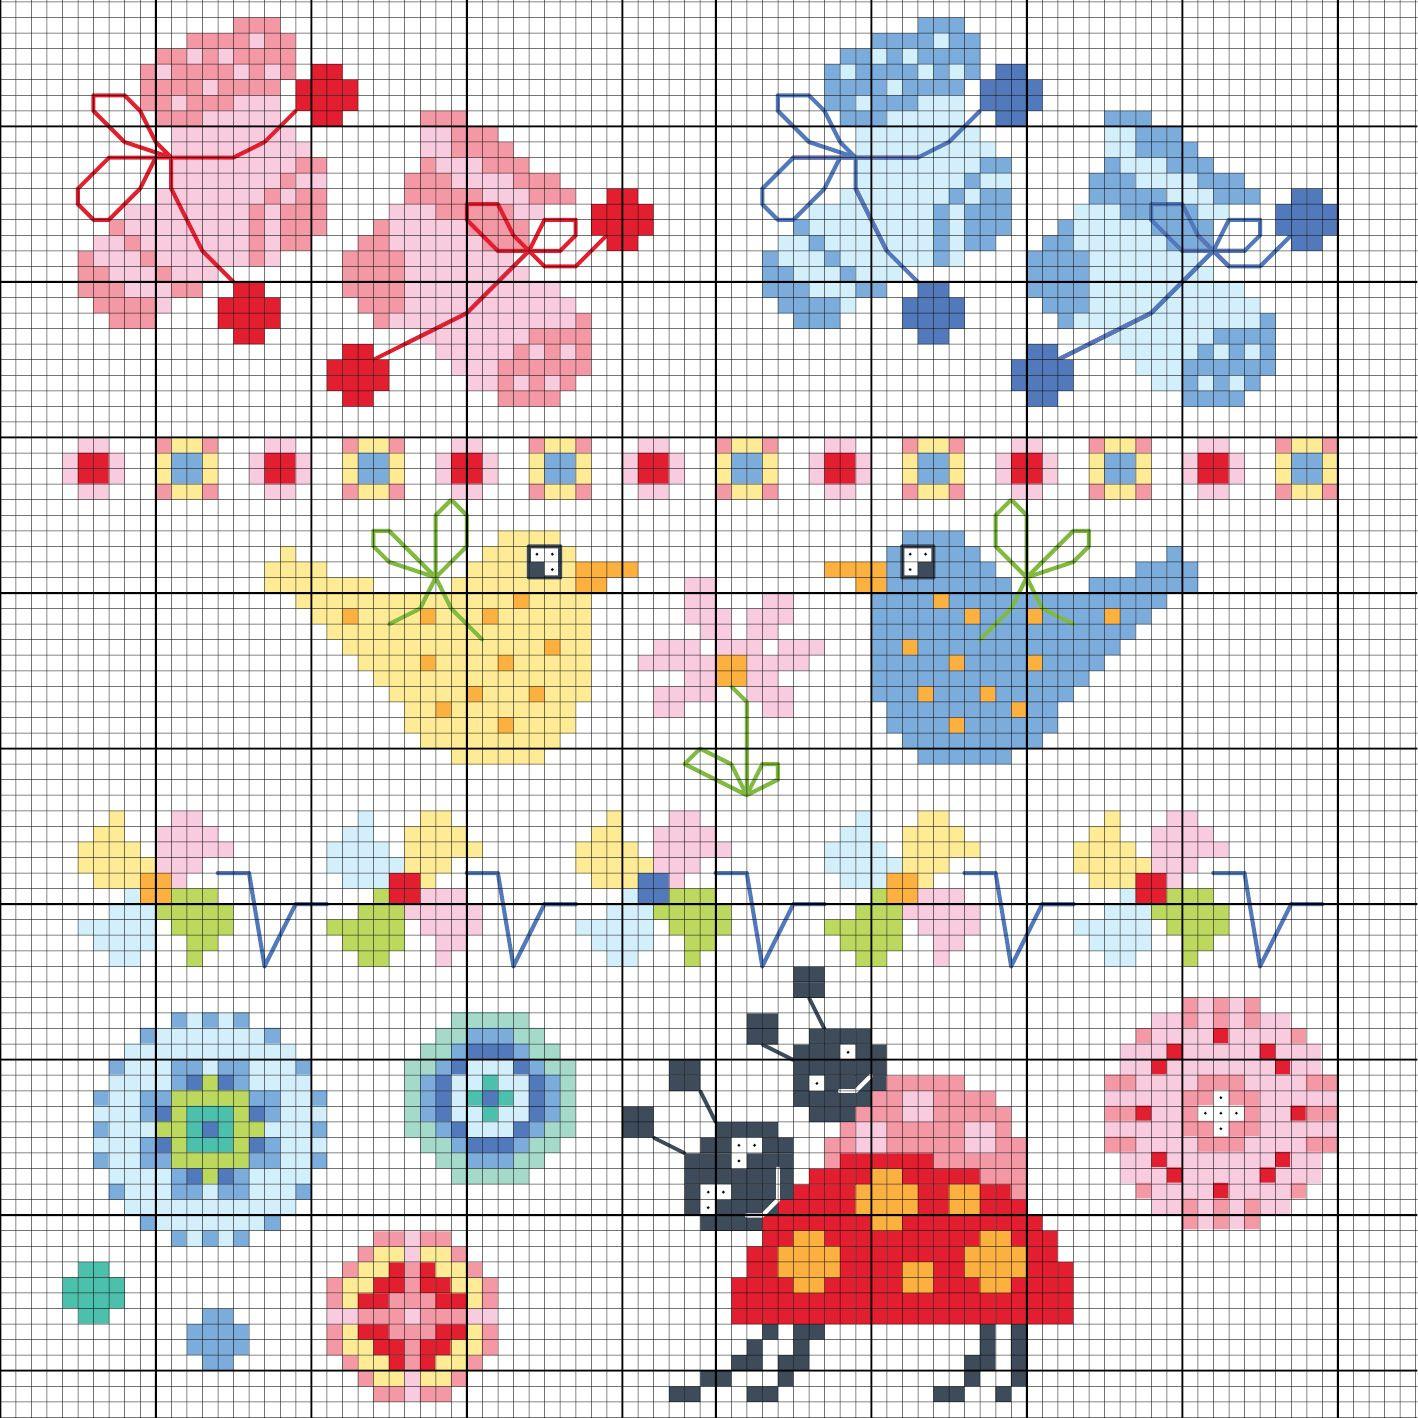 Sch ne baby motive sticken entdecke zahlreiche kostenlose charts zum sticken sticken - Sticken vorlagen kostenlos ...